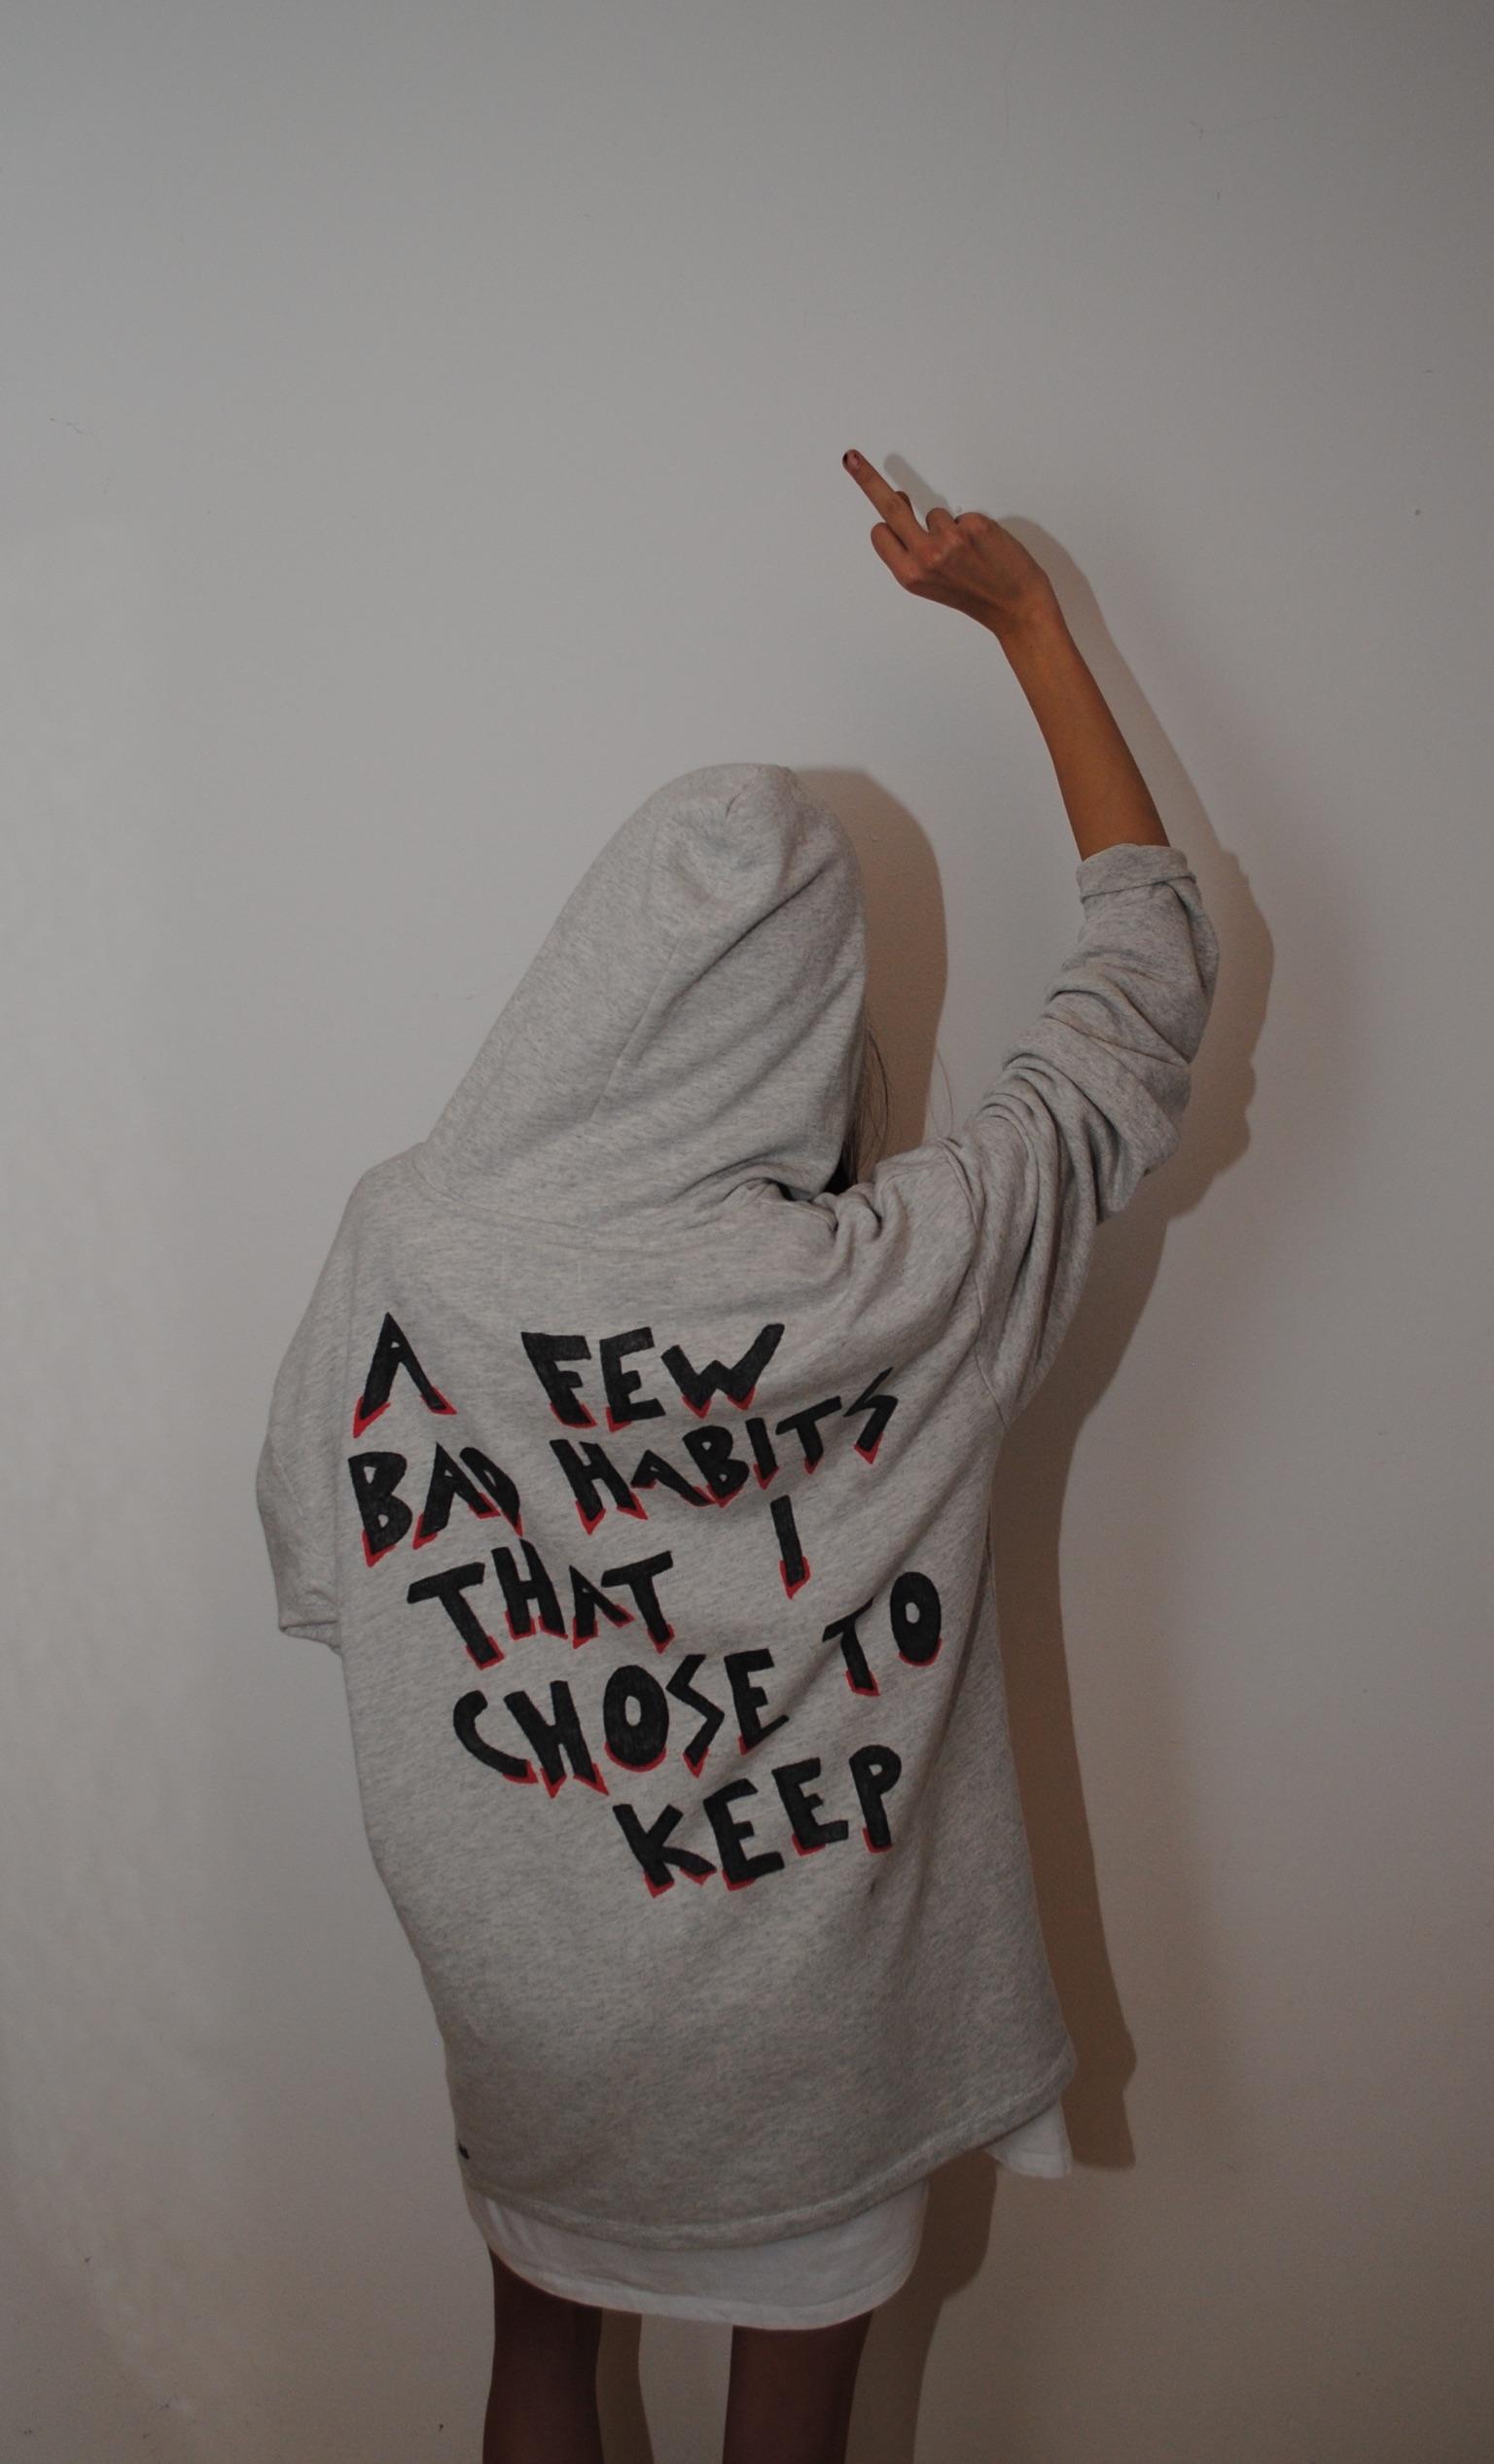 Hoodie bad habits